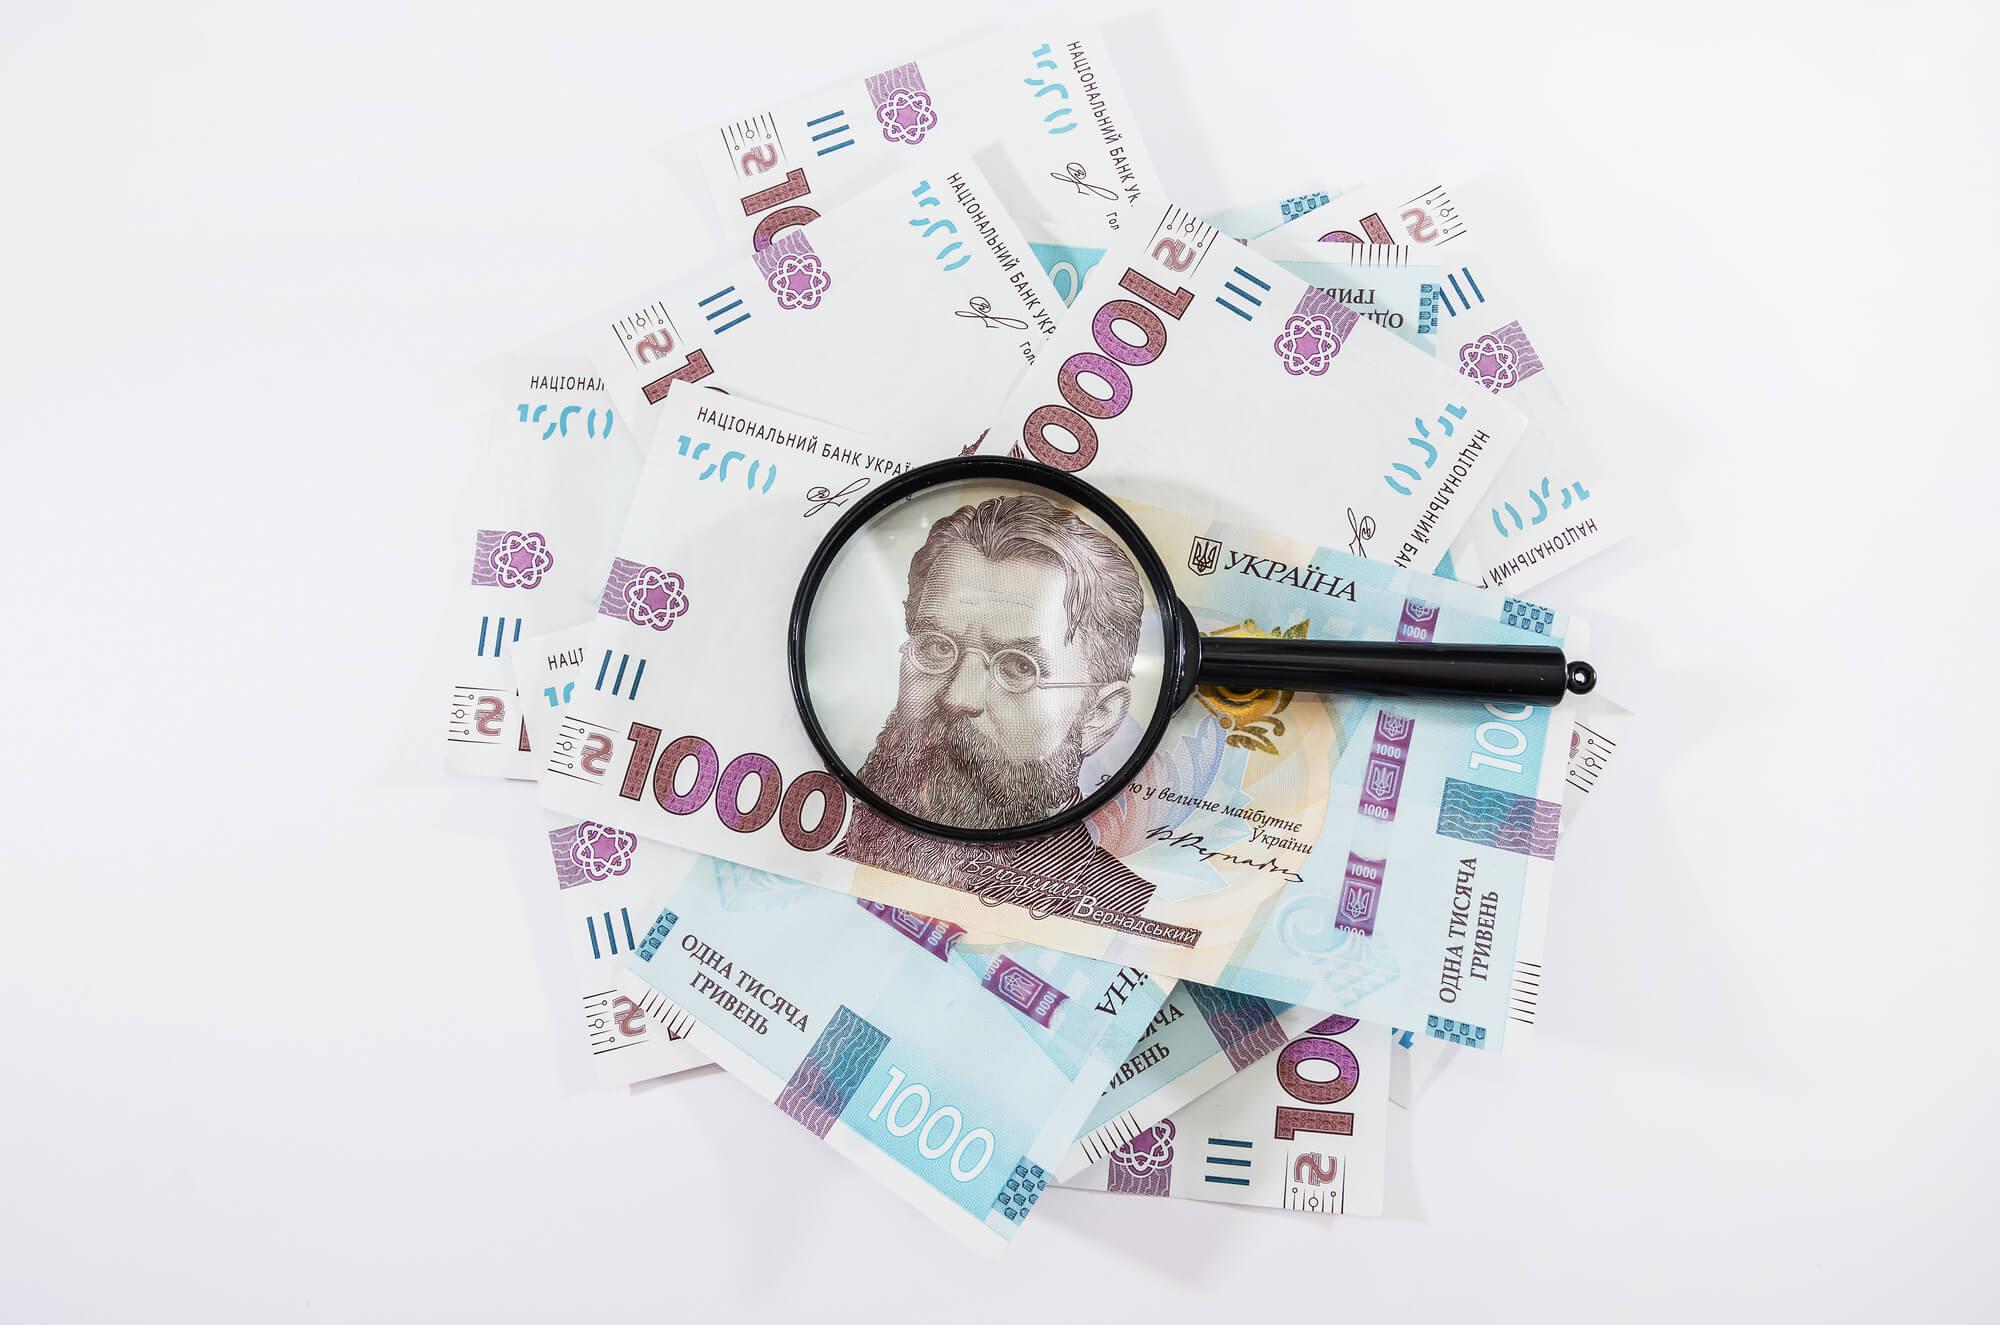 Нейтральная стоимость денег: как НБУ оценивает жесткость своей политики